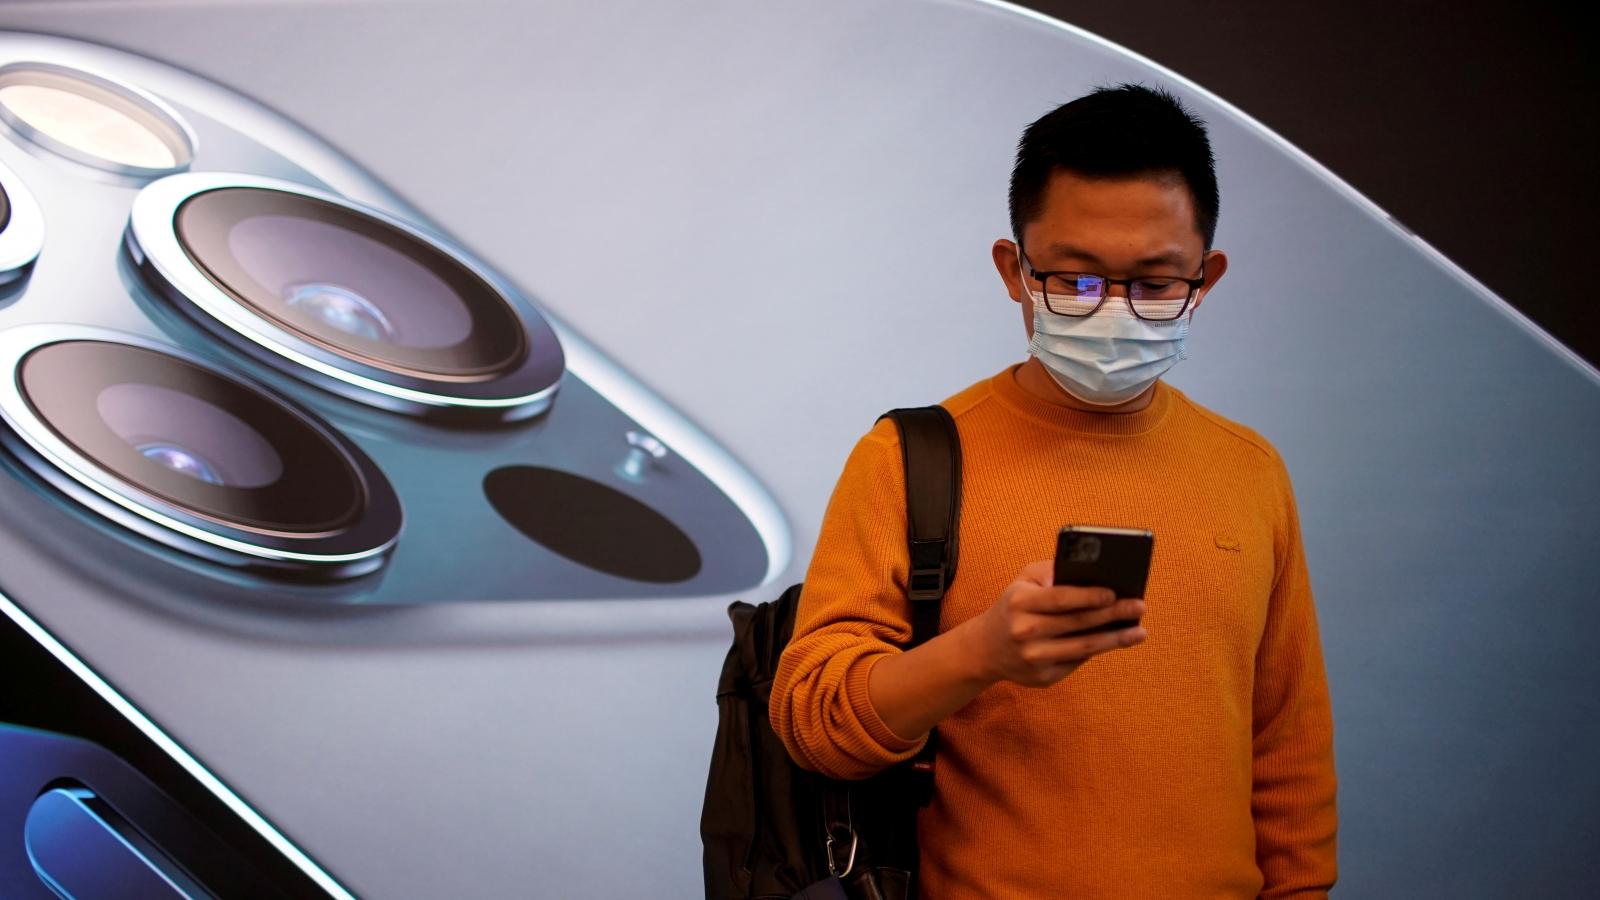 Trung Quốc xây dựng được mạng lưới 5G lớn nhất thế giới